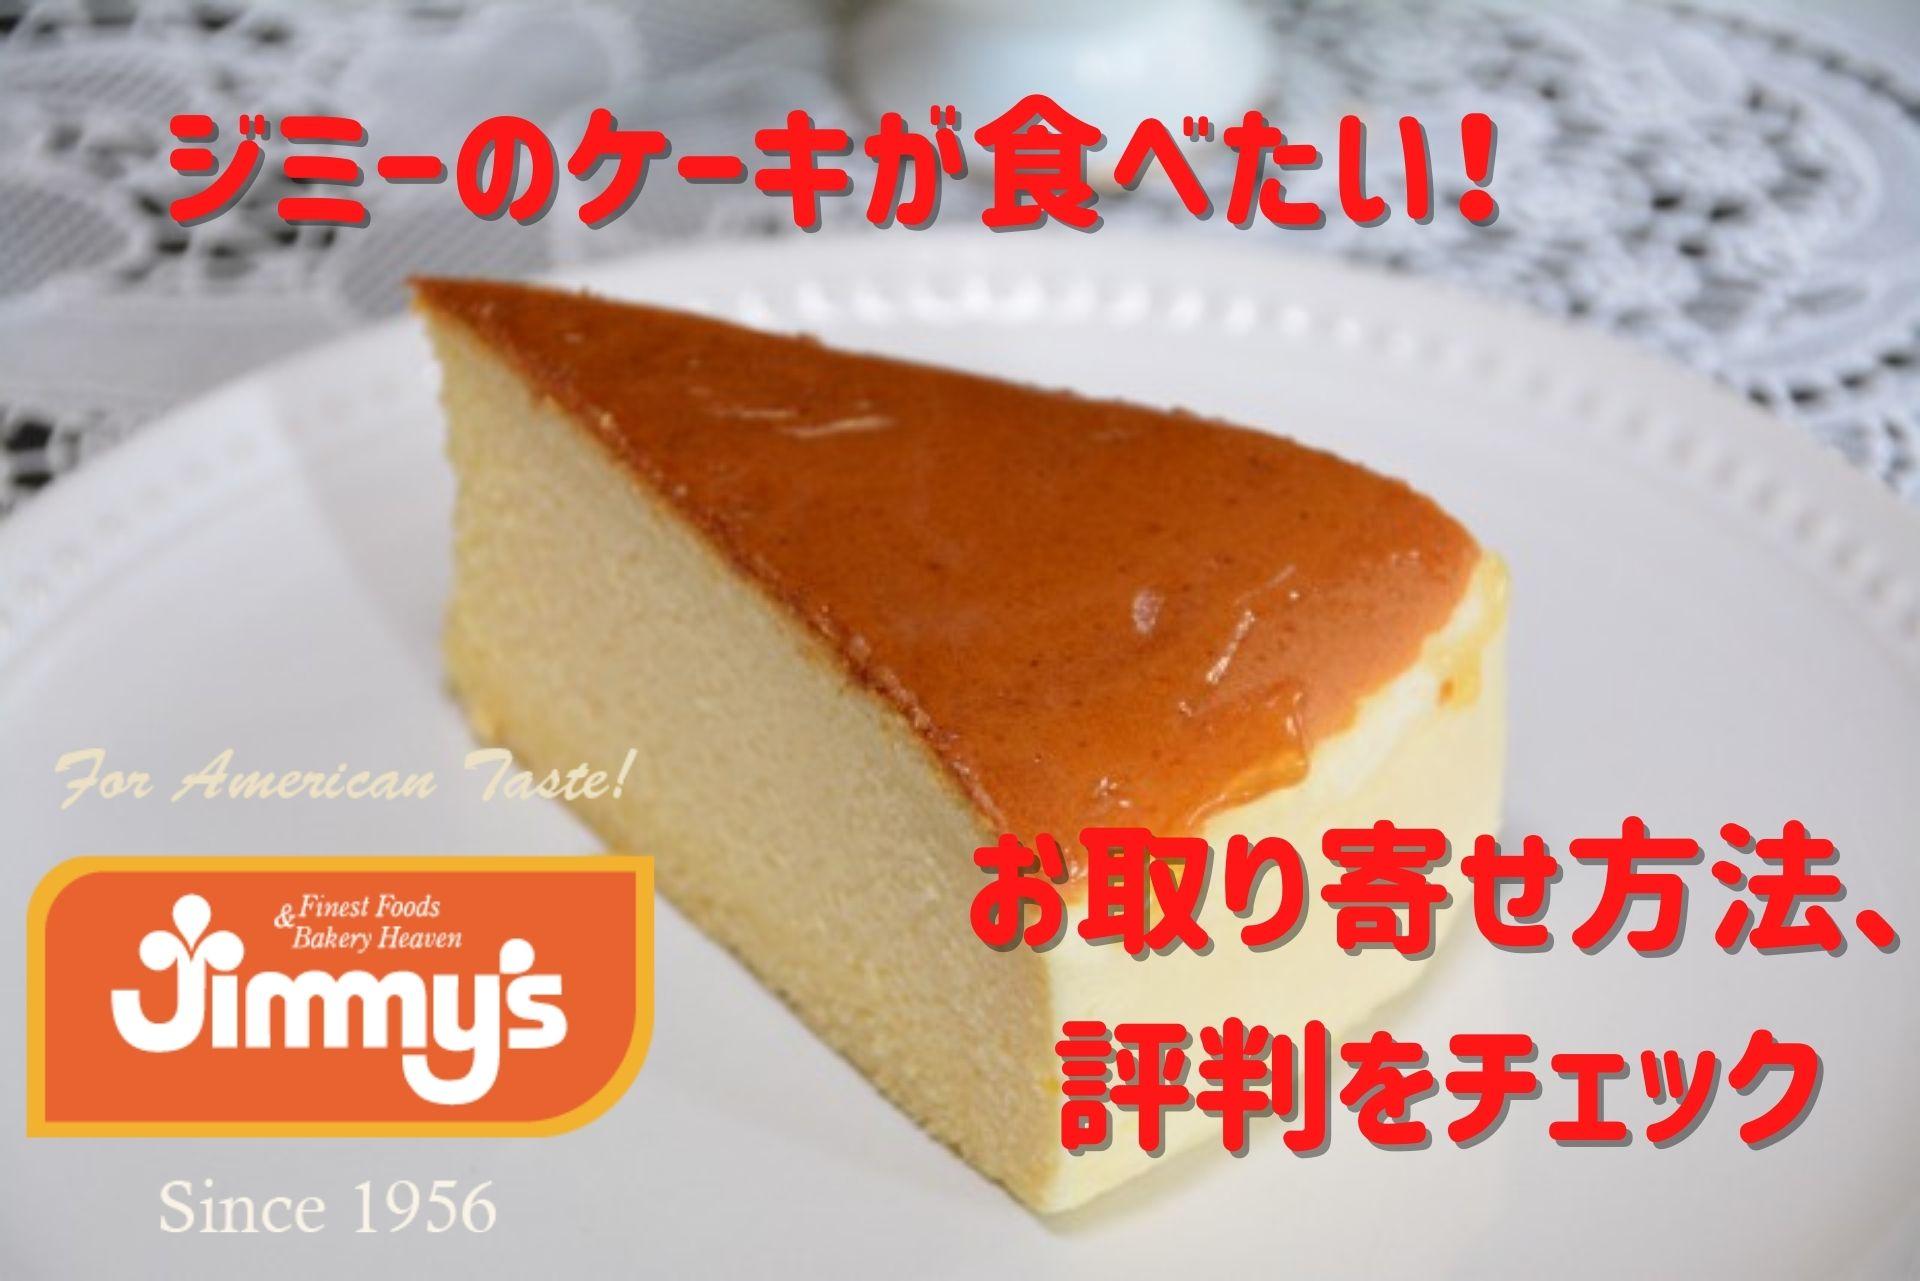 ジミー ケーキ 沖縄